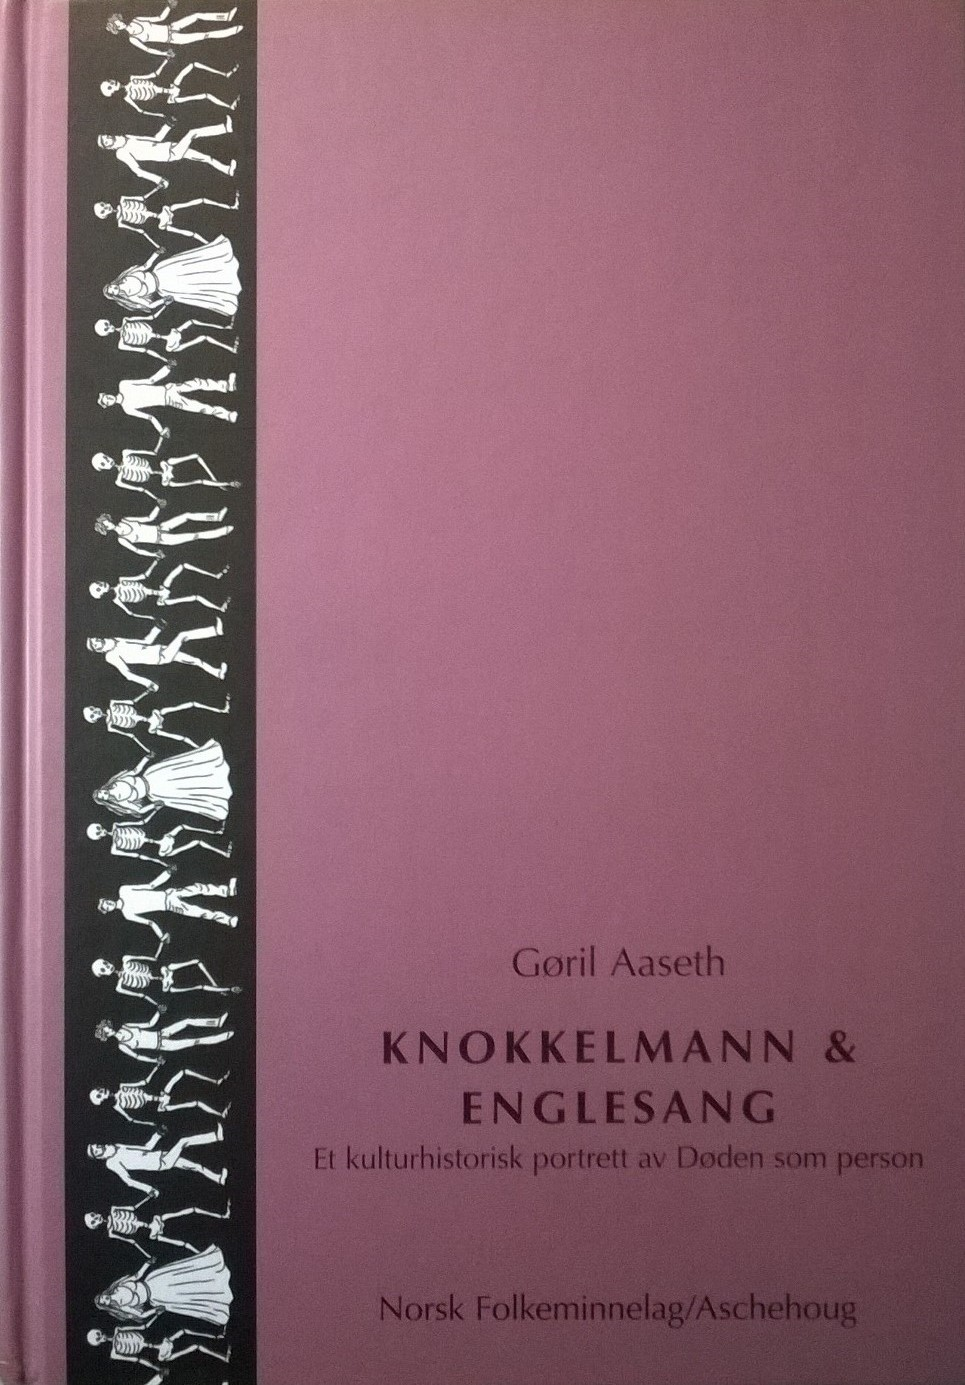 Aaseth, Gøril Knokkelmann og englesang: Et kulturhistorisk portrett av Døden som person